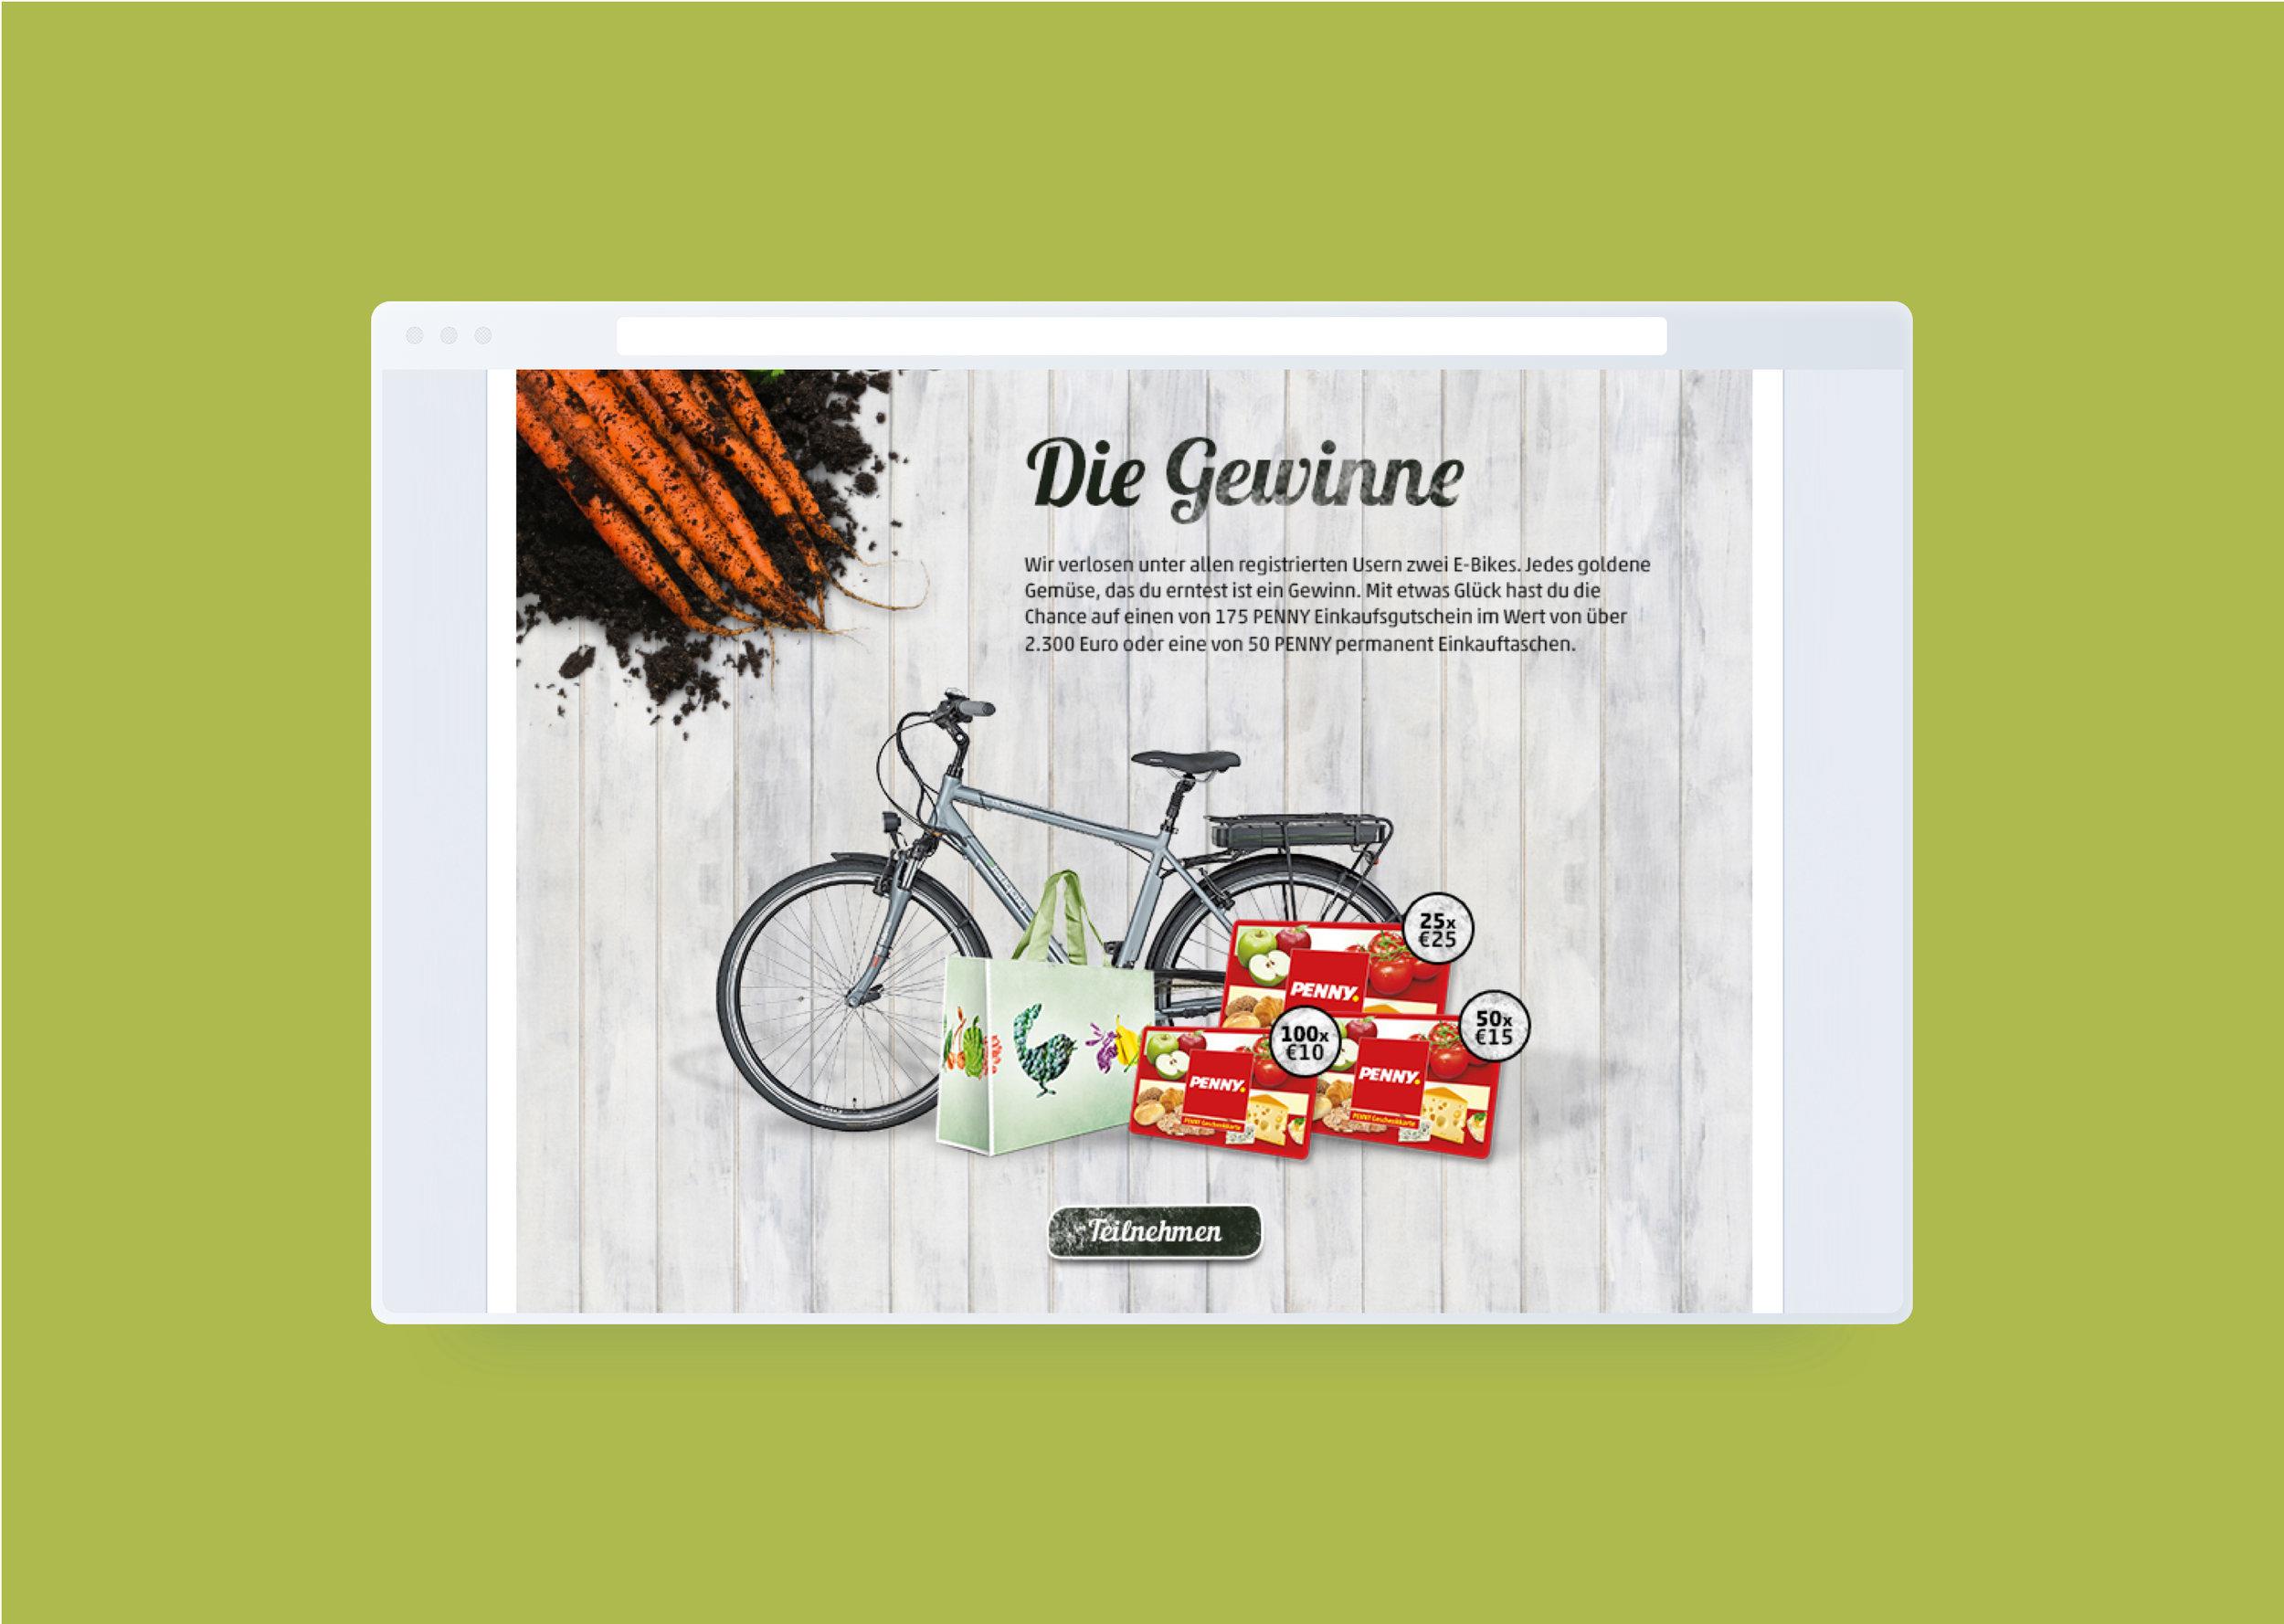 Browser-Mockup-Gemüssegarten_3.jpg